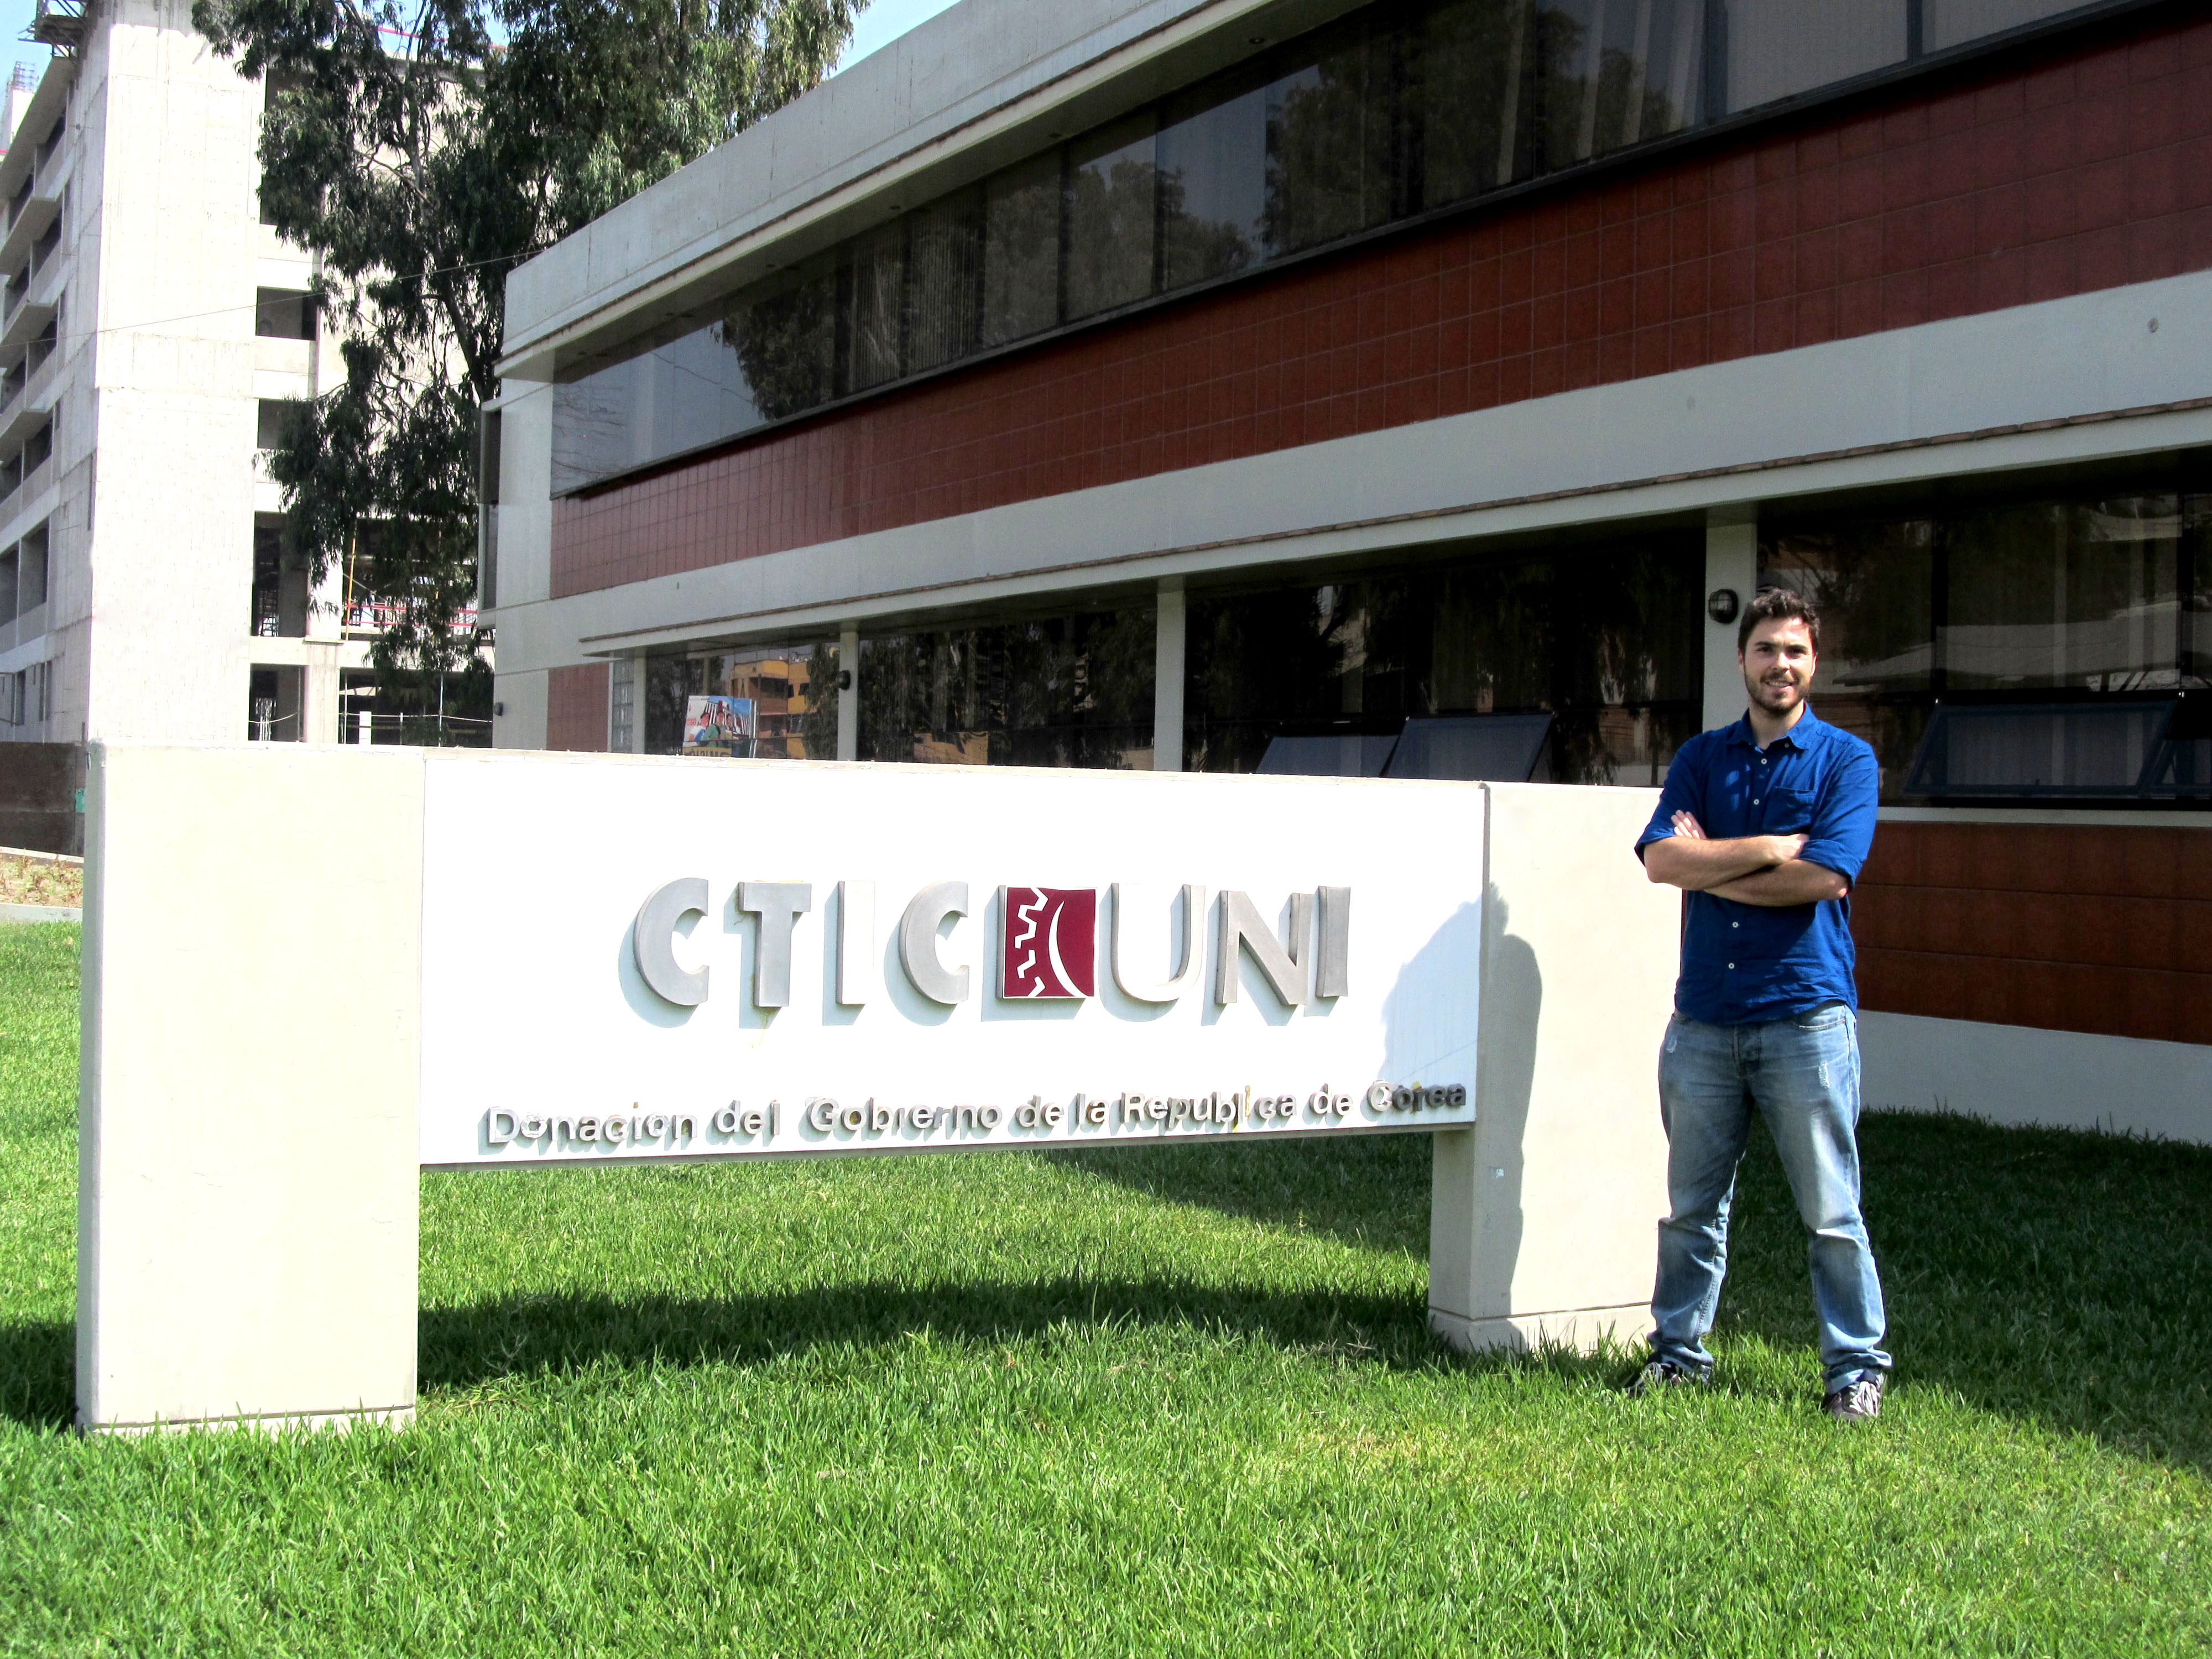 CTIC - UNI